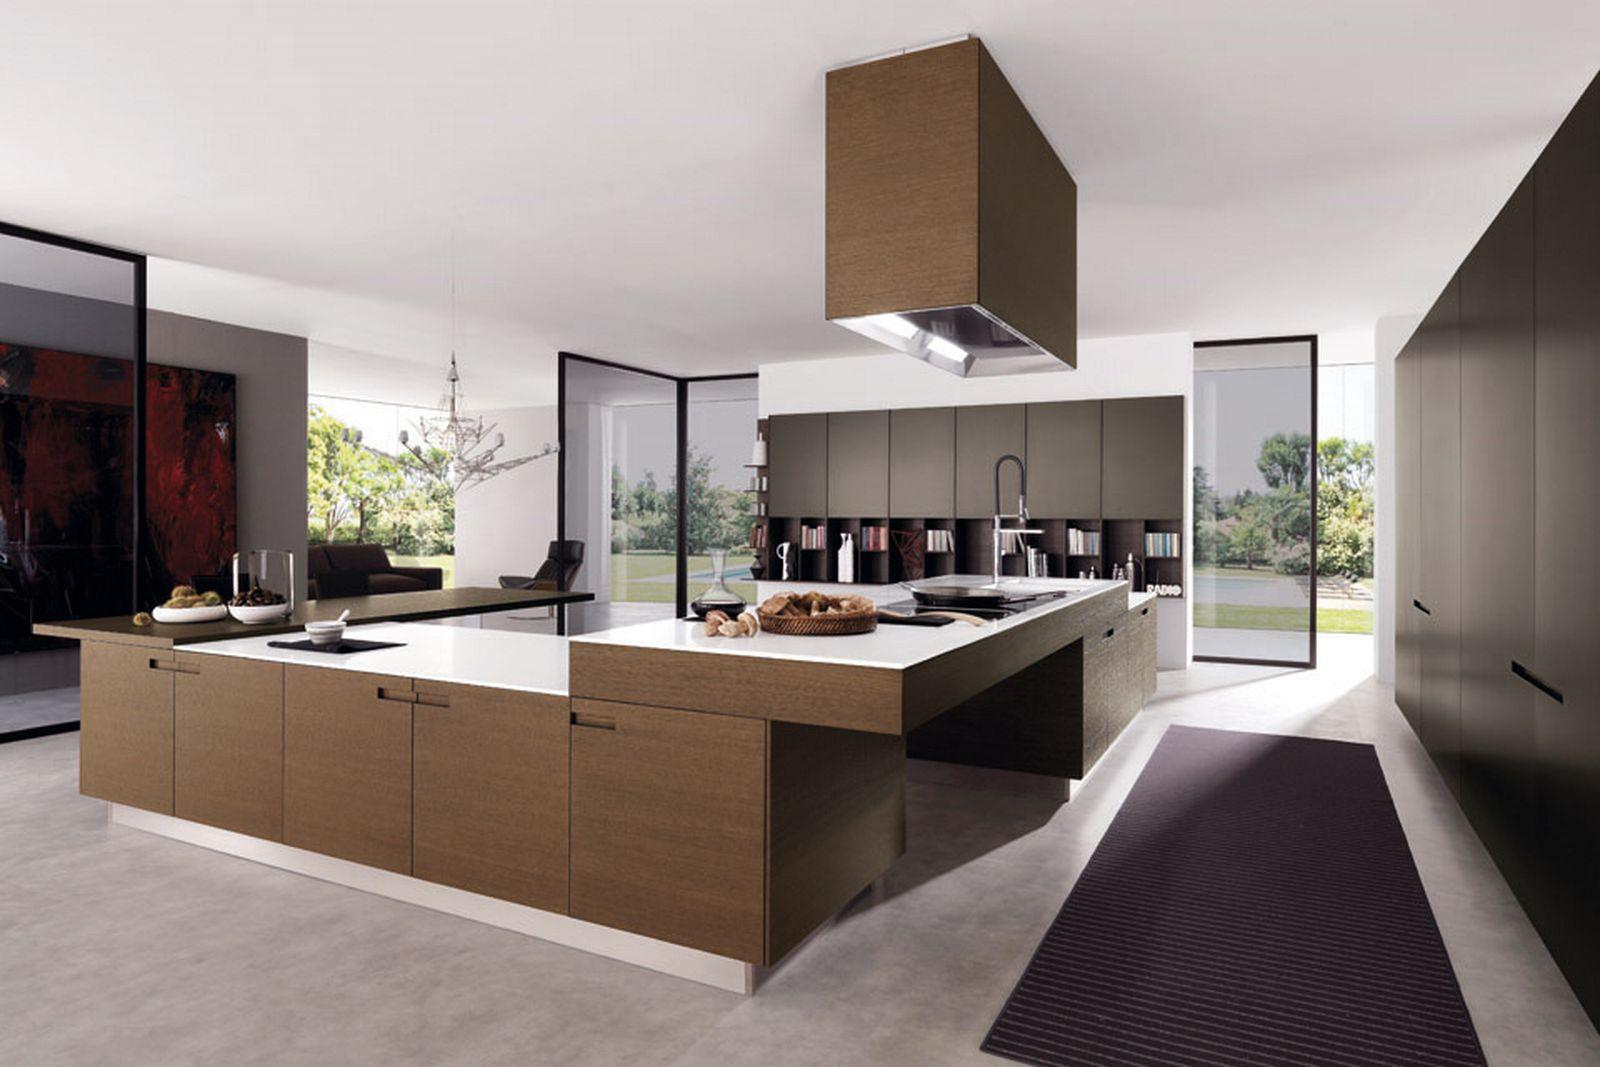 Modern Kitchen Design (View 4 of 10)